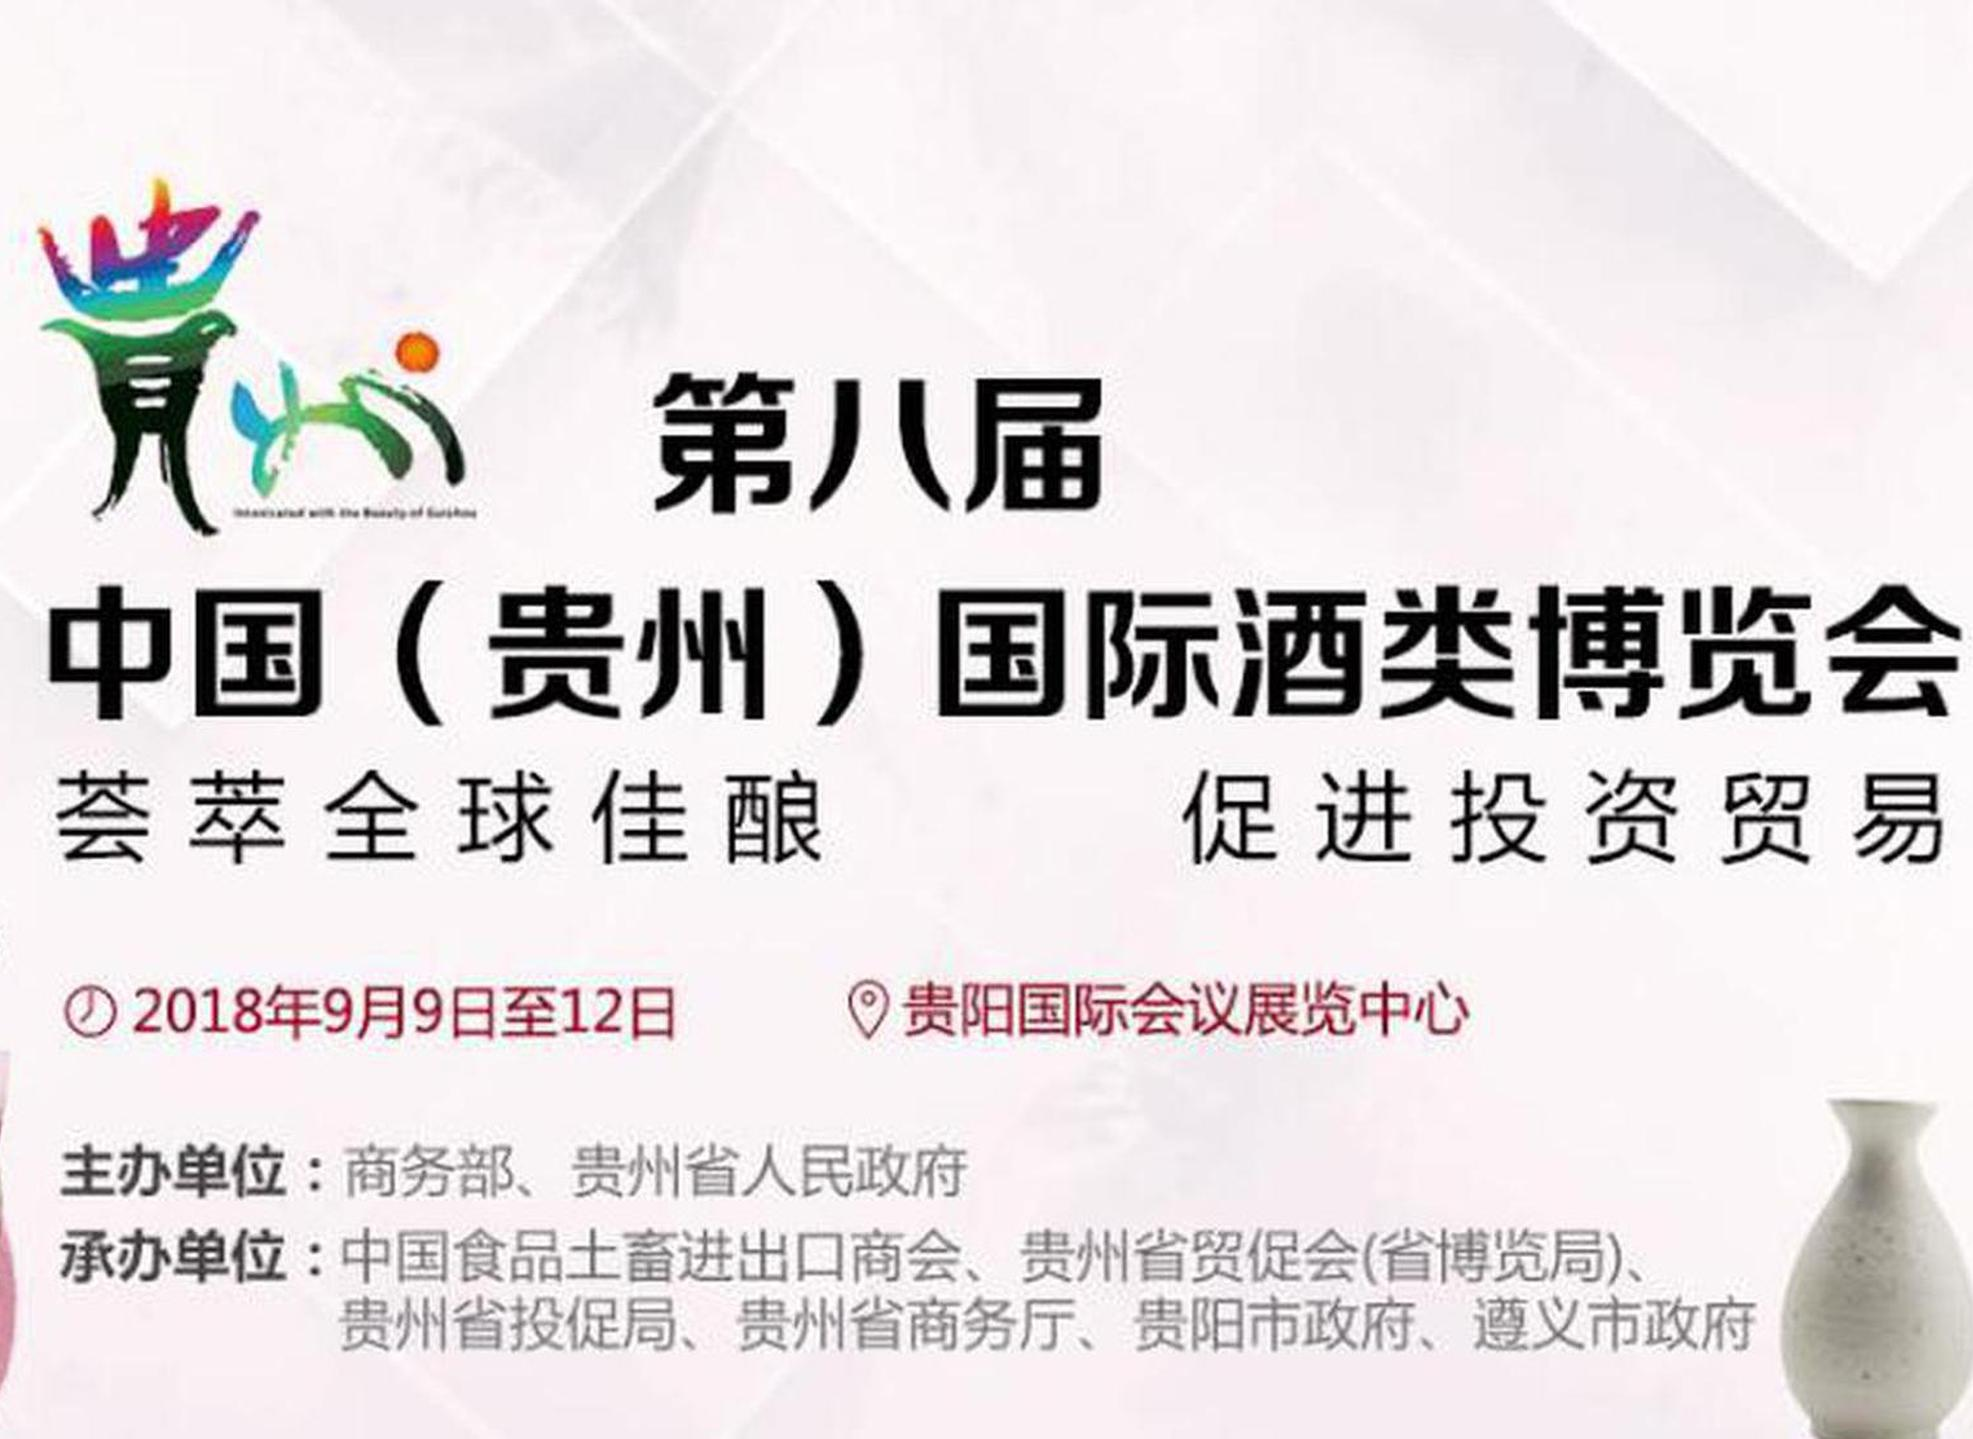 第八届中国(贵州)酒博会专题